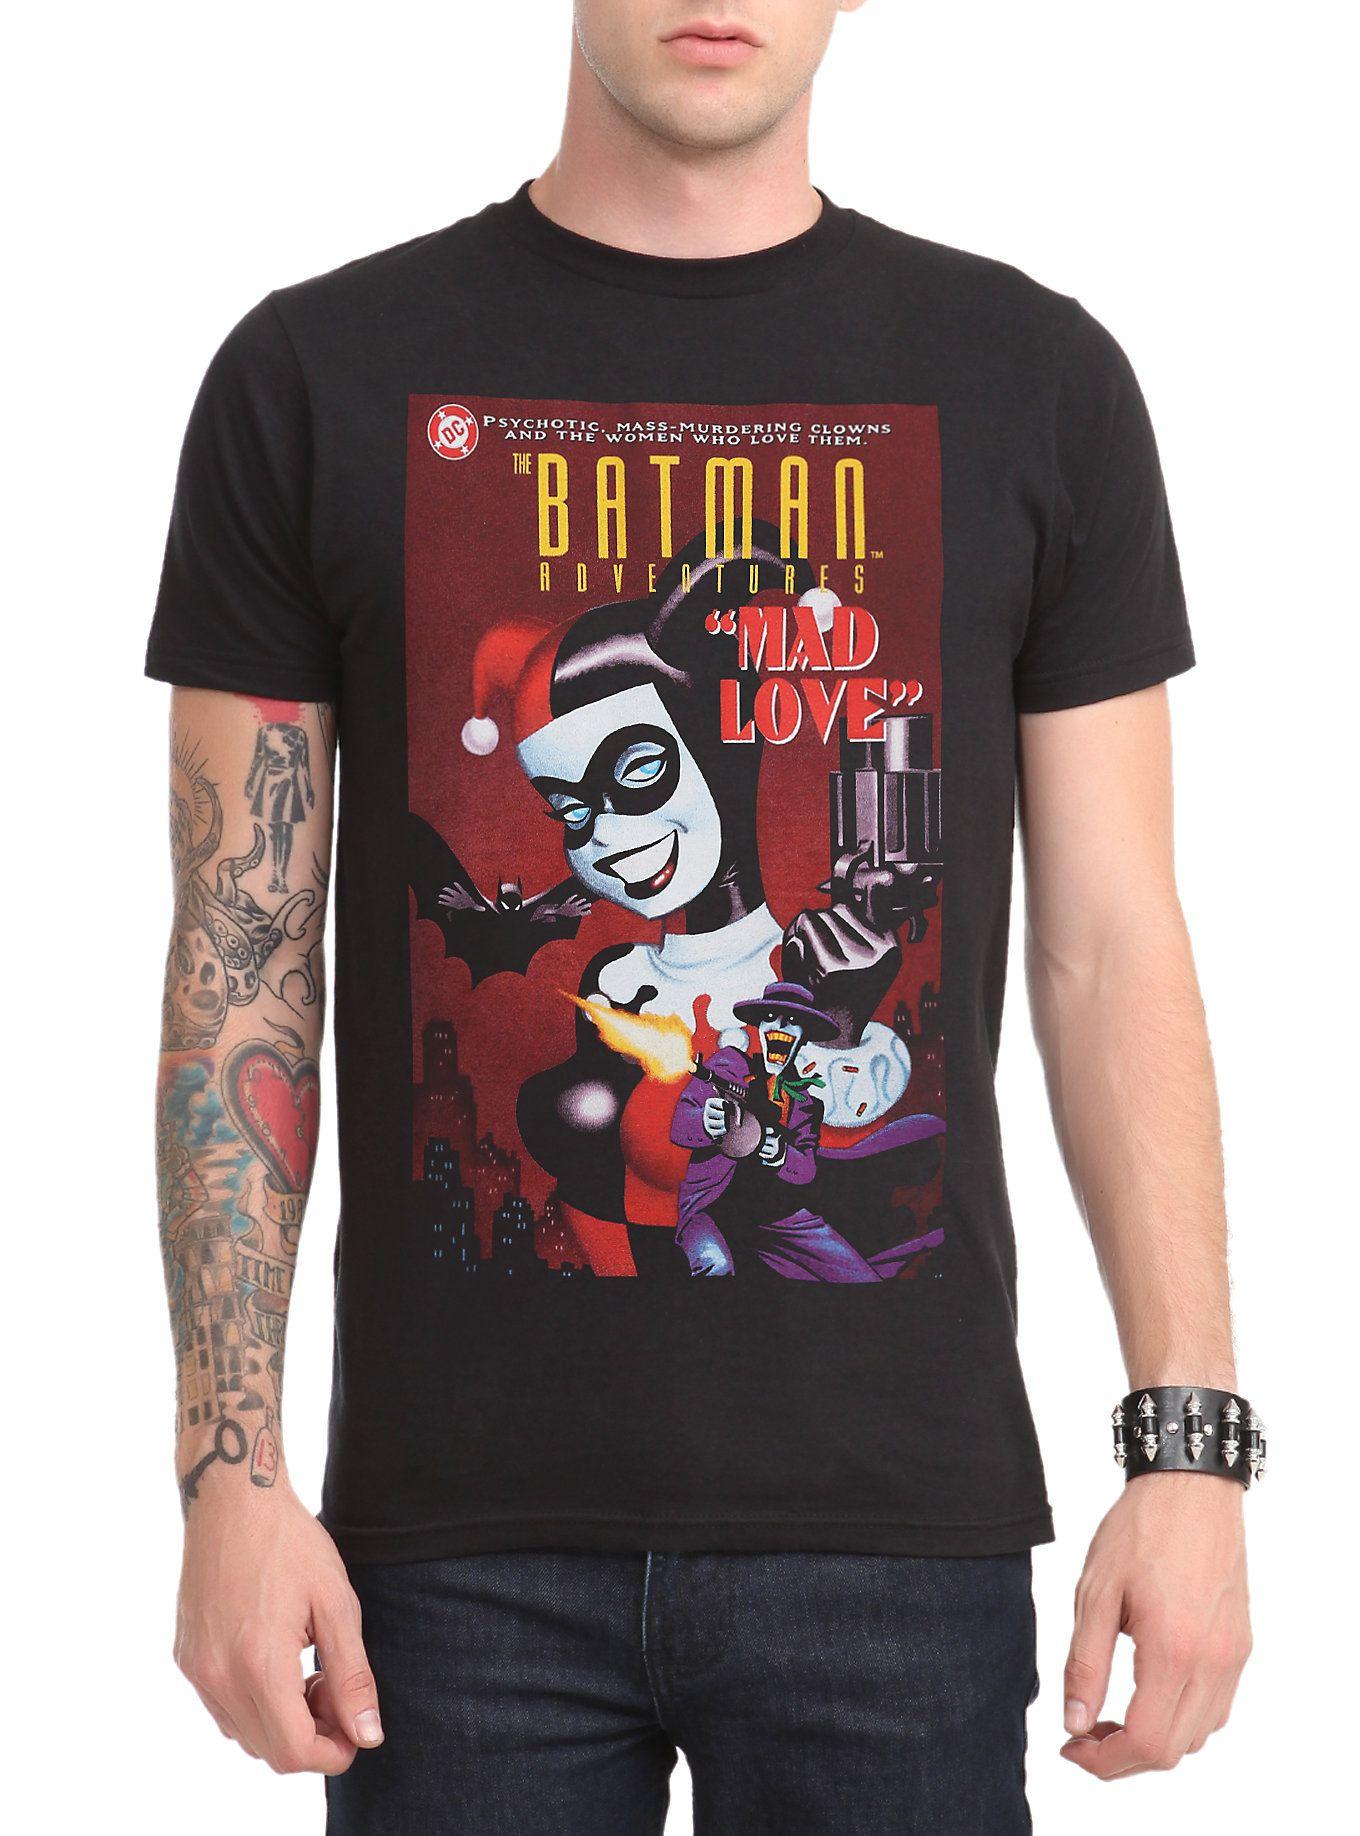 230d87e05136 DC Comics The Batman Adventures: Mad Love T-Shirt | Superhero Stuff ...